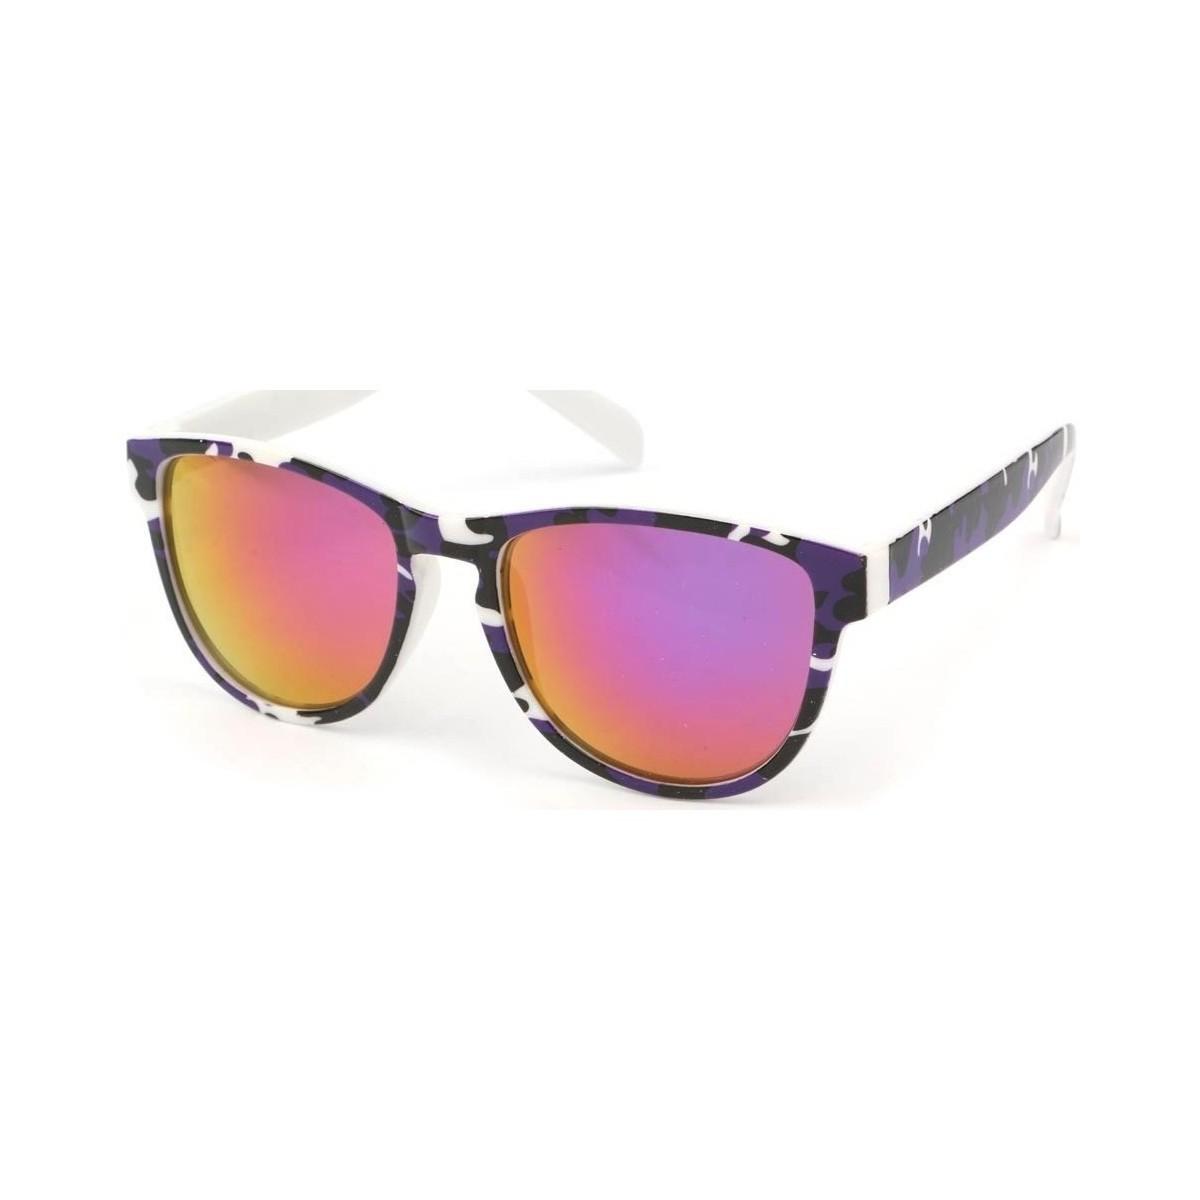 Eye Wear Lunettes Soleil Fool Love monture colorée Noir Violet et Blanc Noir